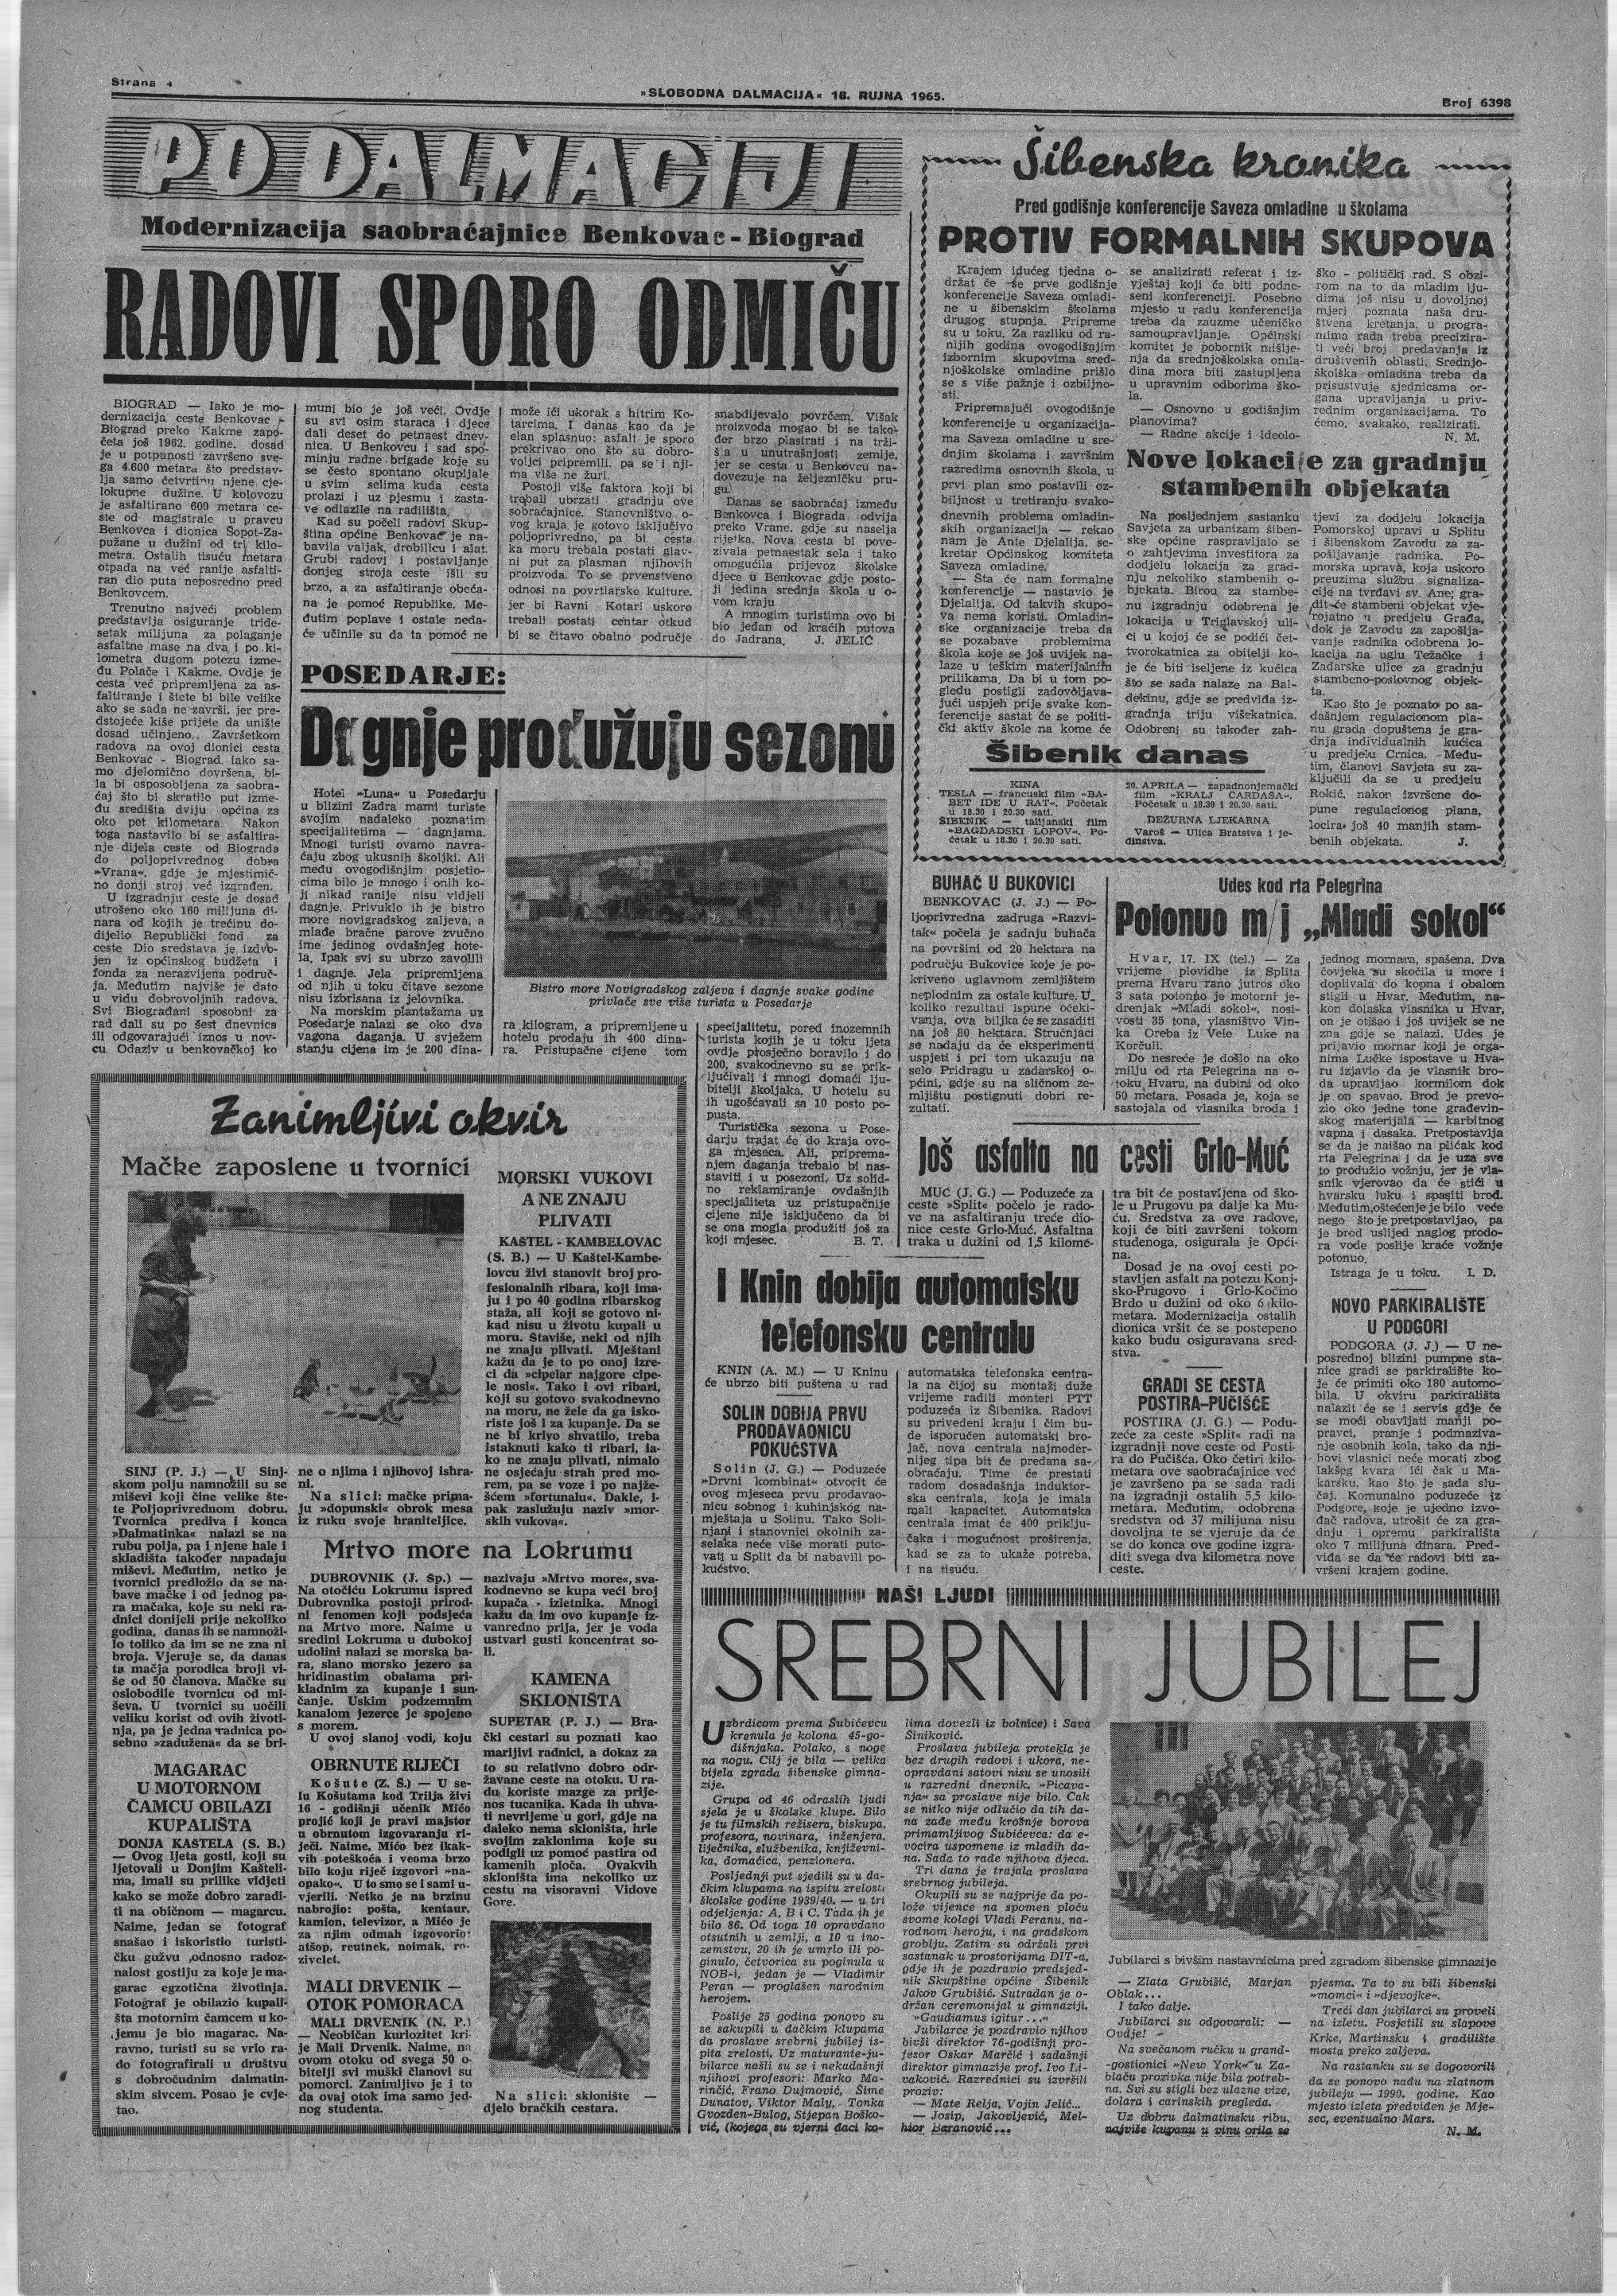 Košute u arhivu Slobodne Dalmacije 18.9.1965